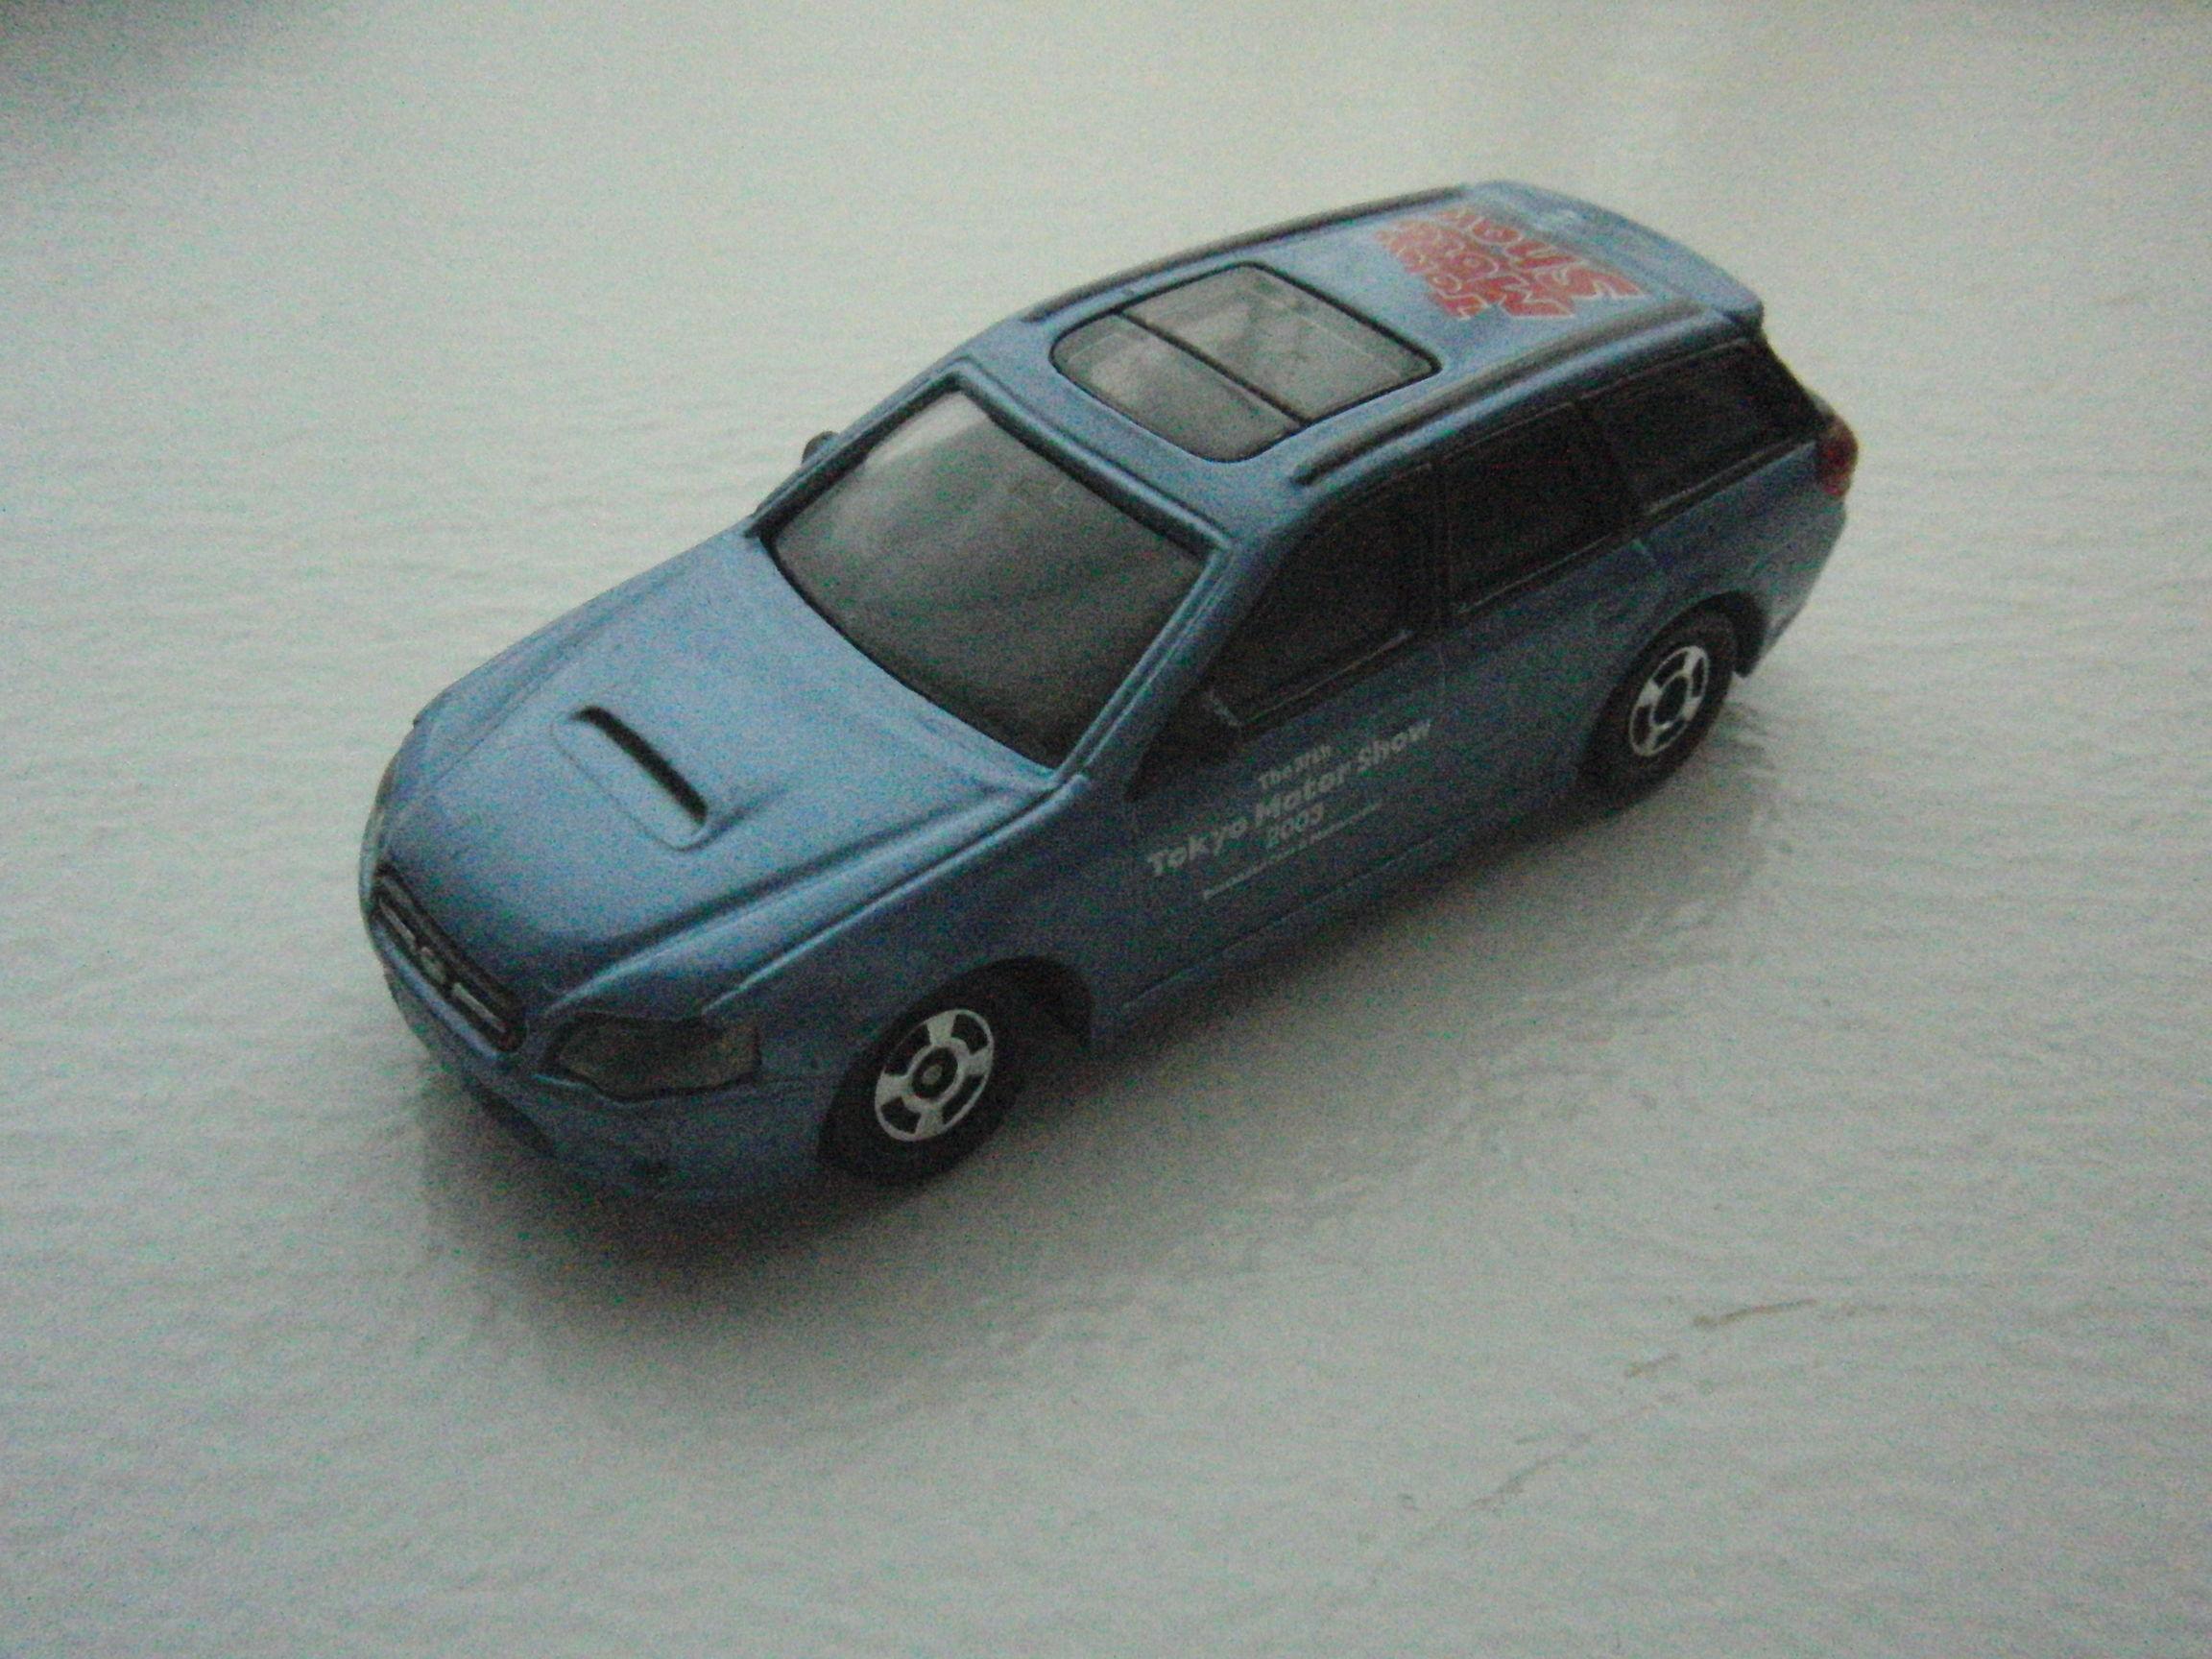 トミカ スバル レガシーワゴン 第37回東京モーターショー2003限定仕様 NO.11